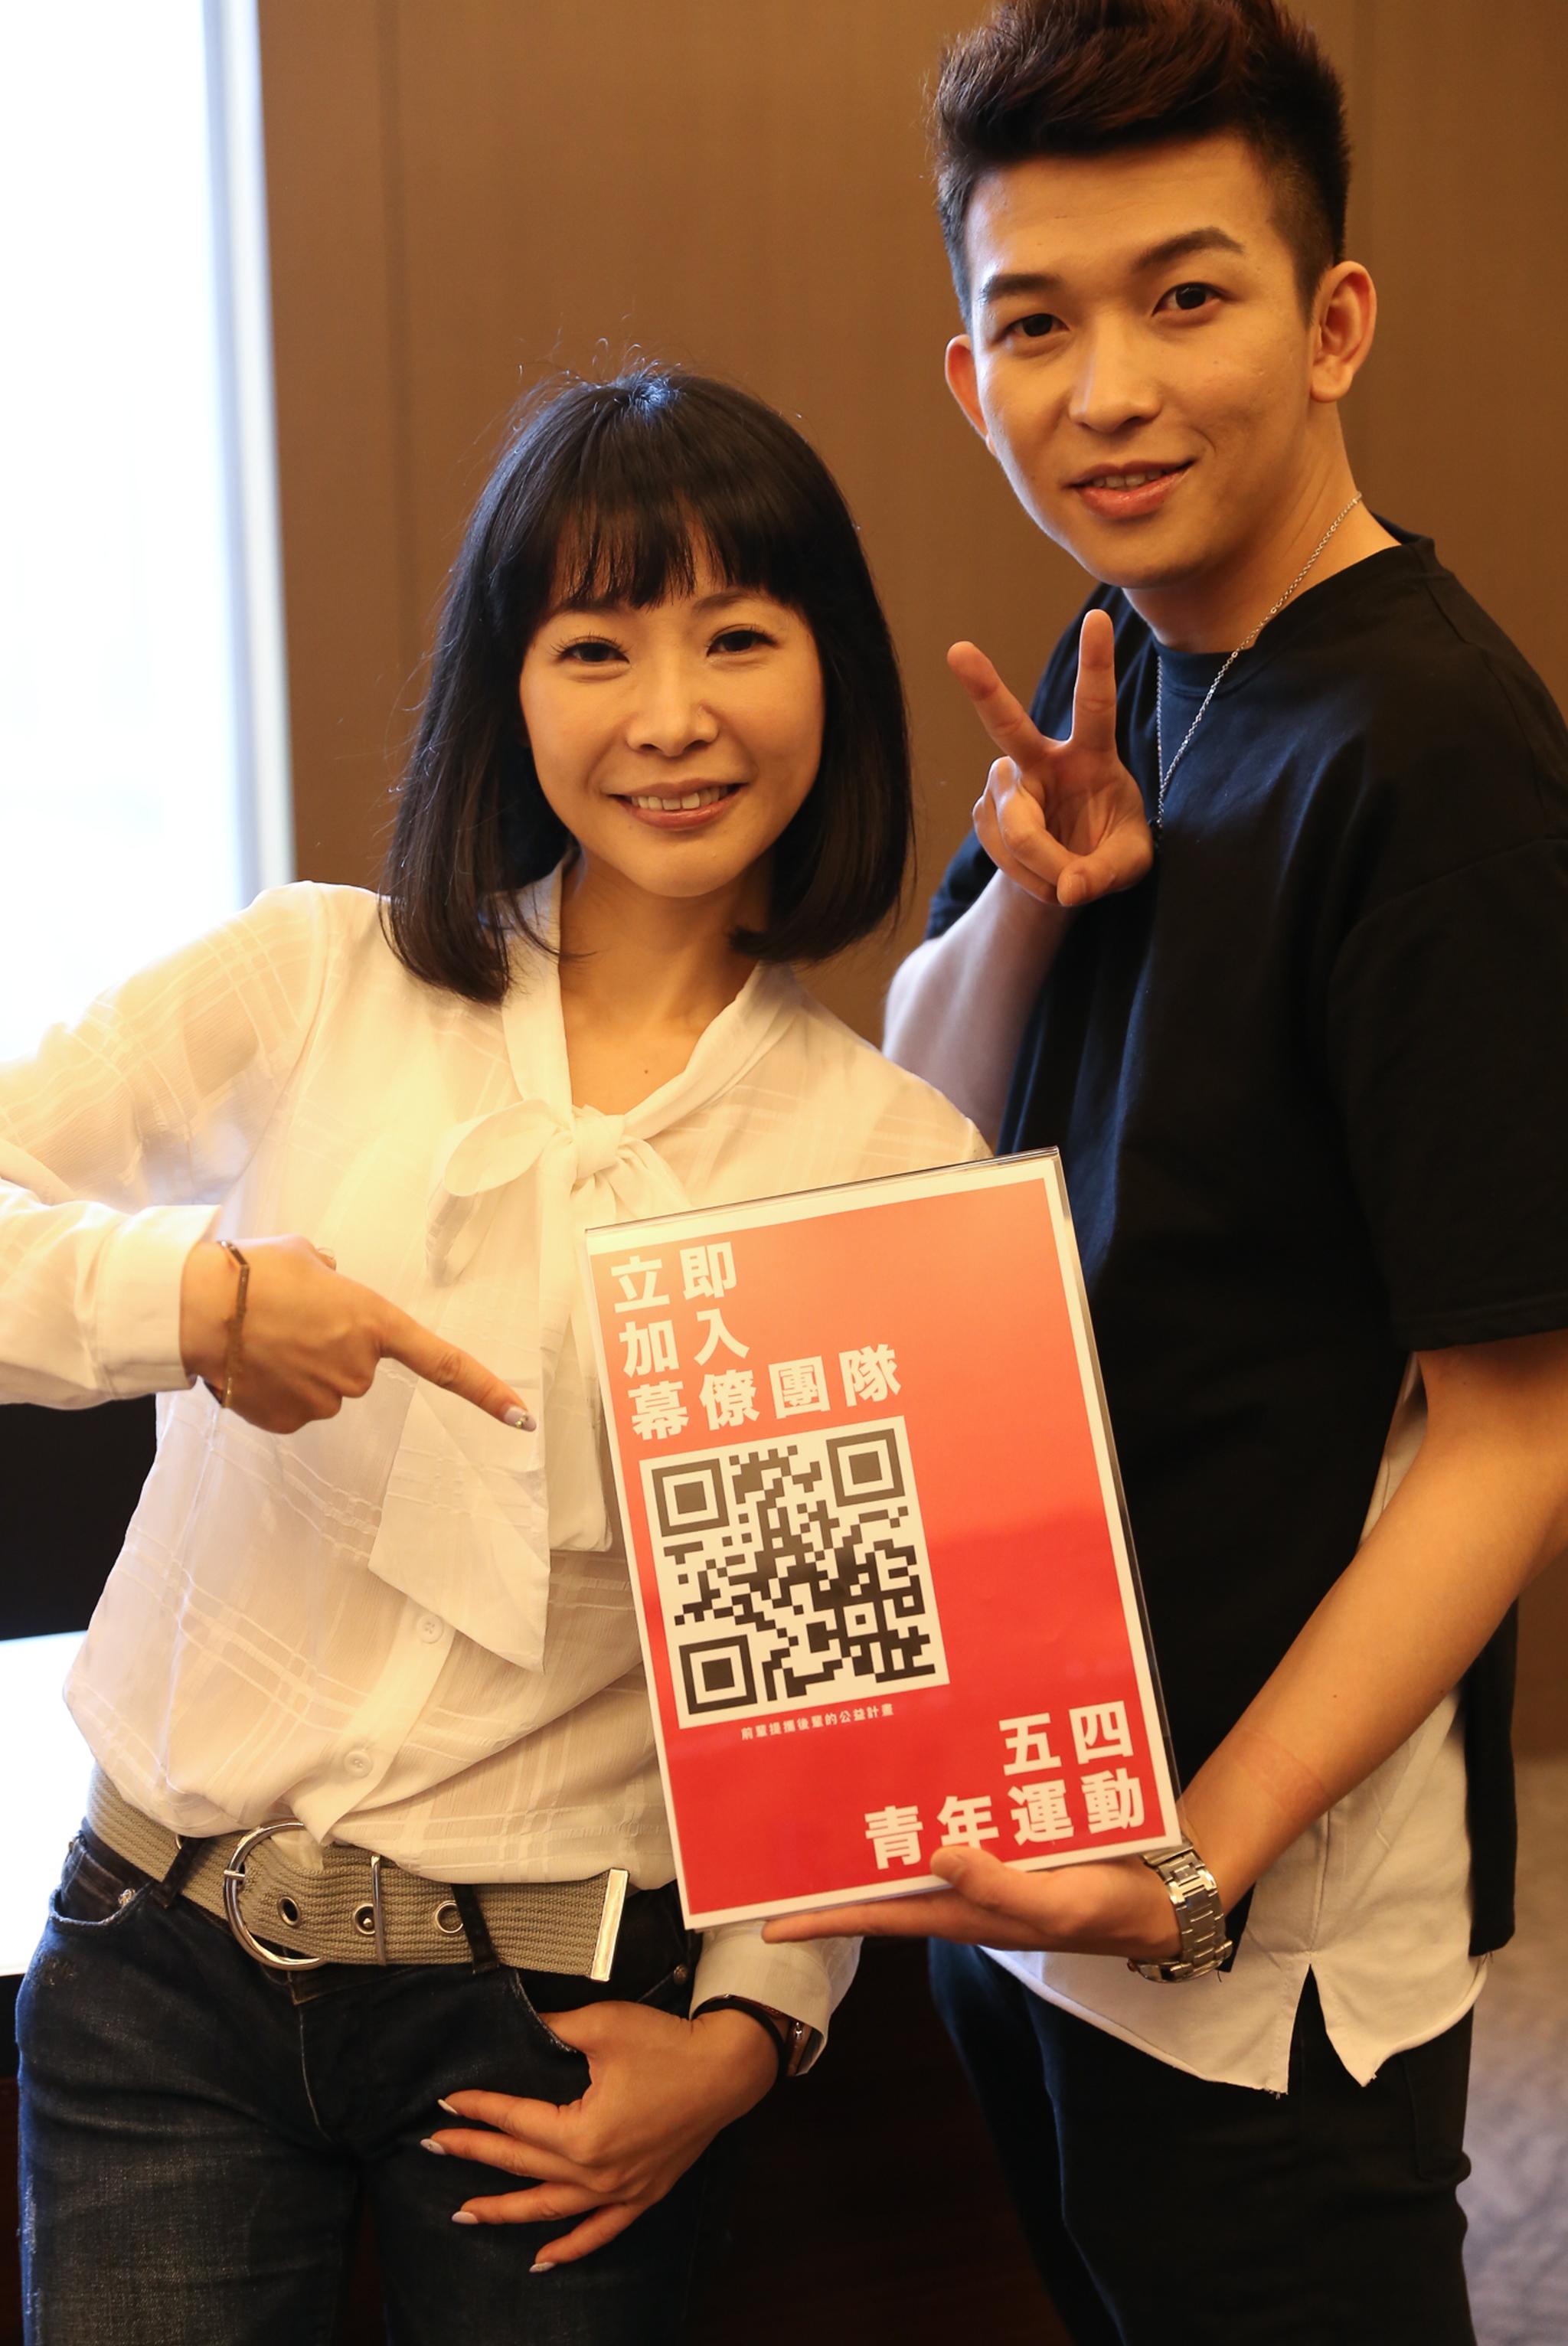 五四青年運動-event-記者會-寒舍艾美酒店-lemeridien-taipei-04.jpg